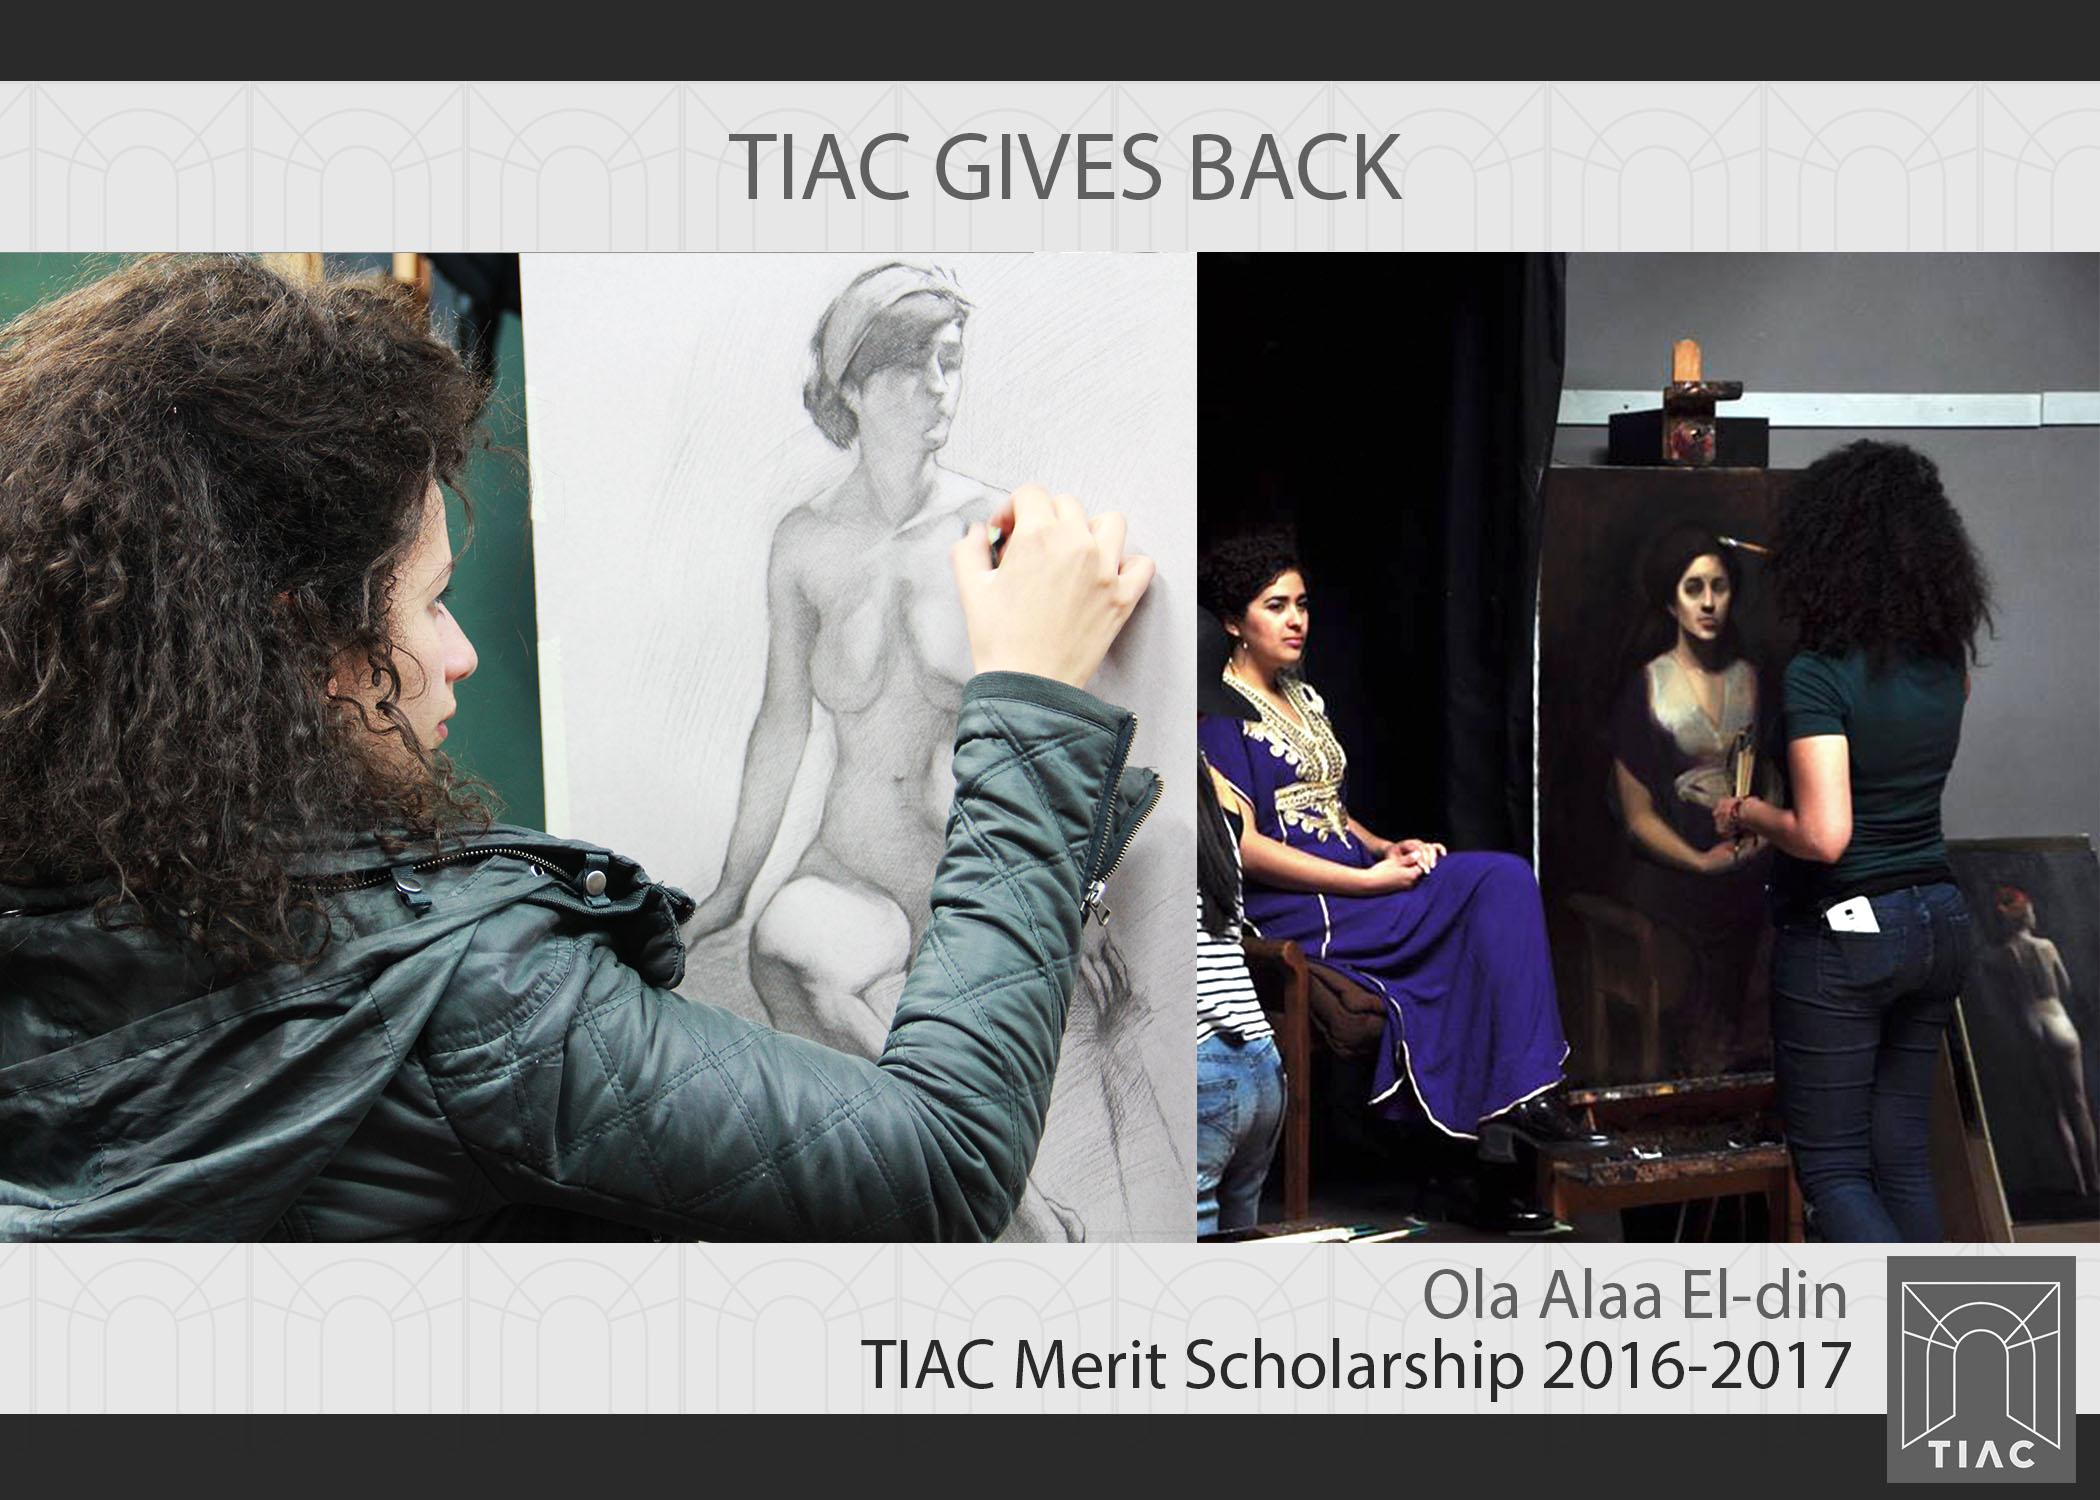 TIAc-Gives_Back_Scholarships-Ola Alaa El-Din.jpg